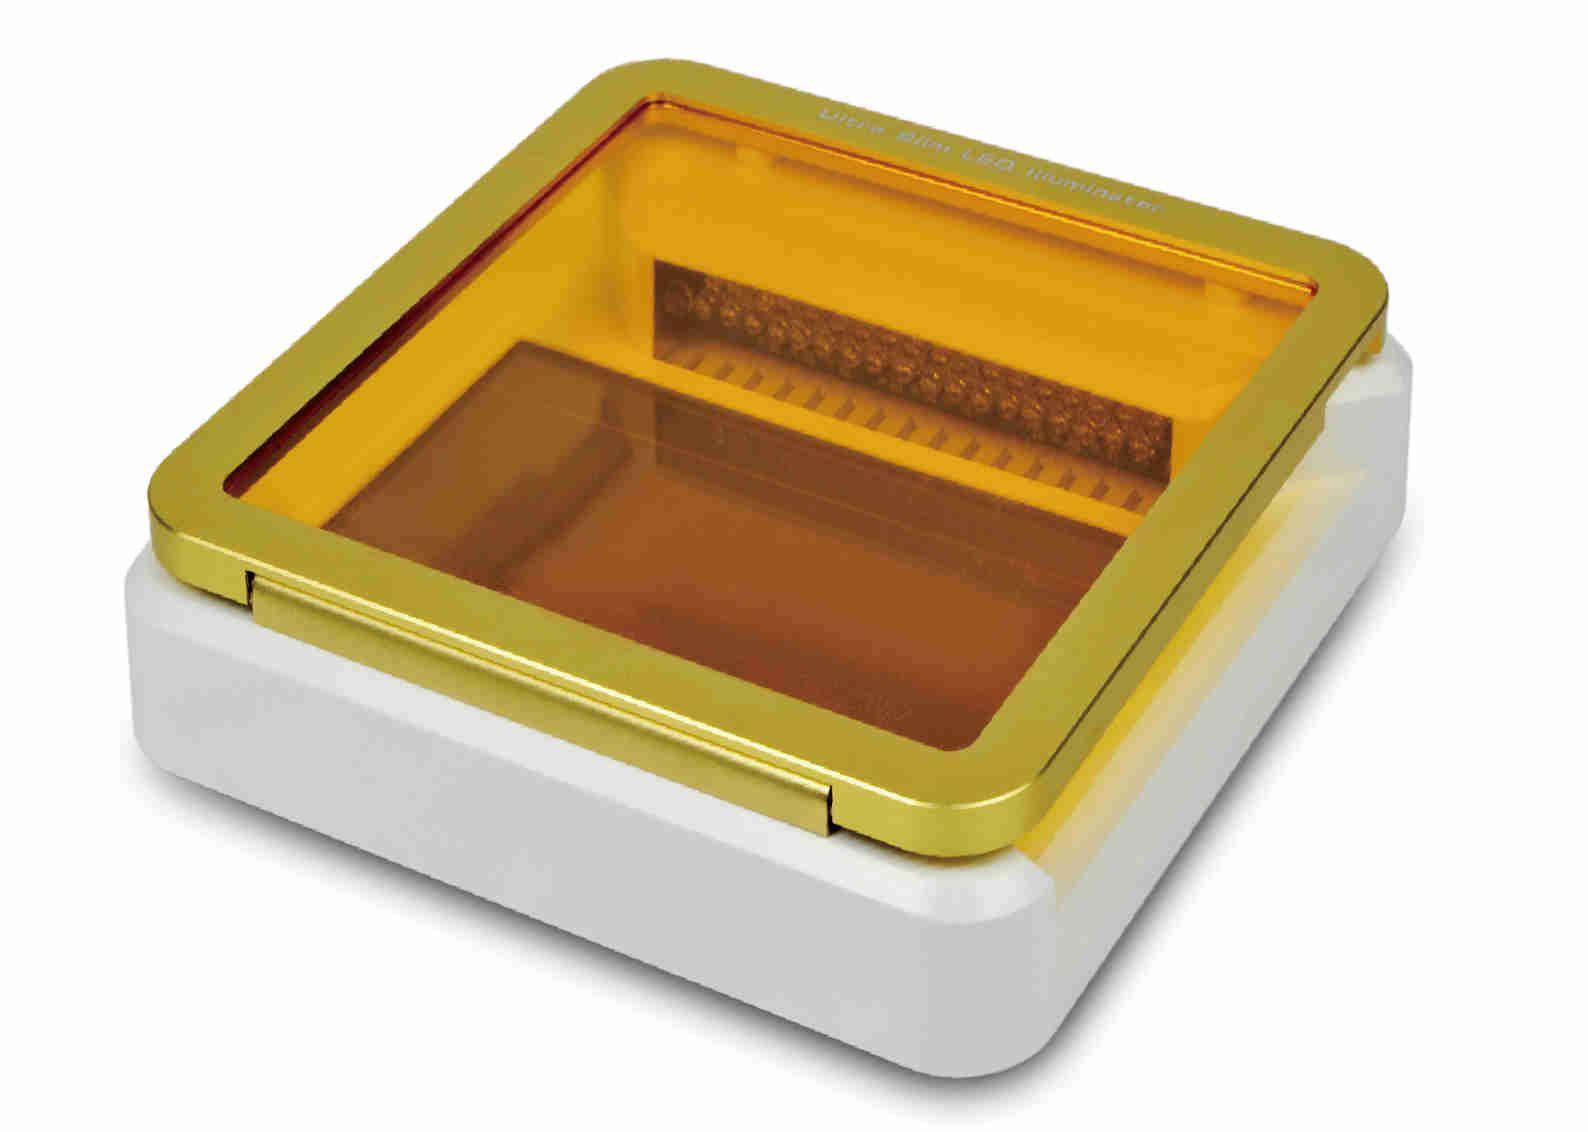 TRANSILUMINADOR (LUZ VISÍVEL) DE LUZ LED AZUL, 10 X 6 CM, 470 NM, PARA DETECÇÃO DE ÁCIDO NUCLEICOS EM GÉIS, 220V